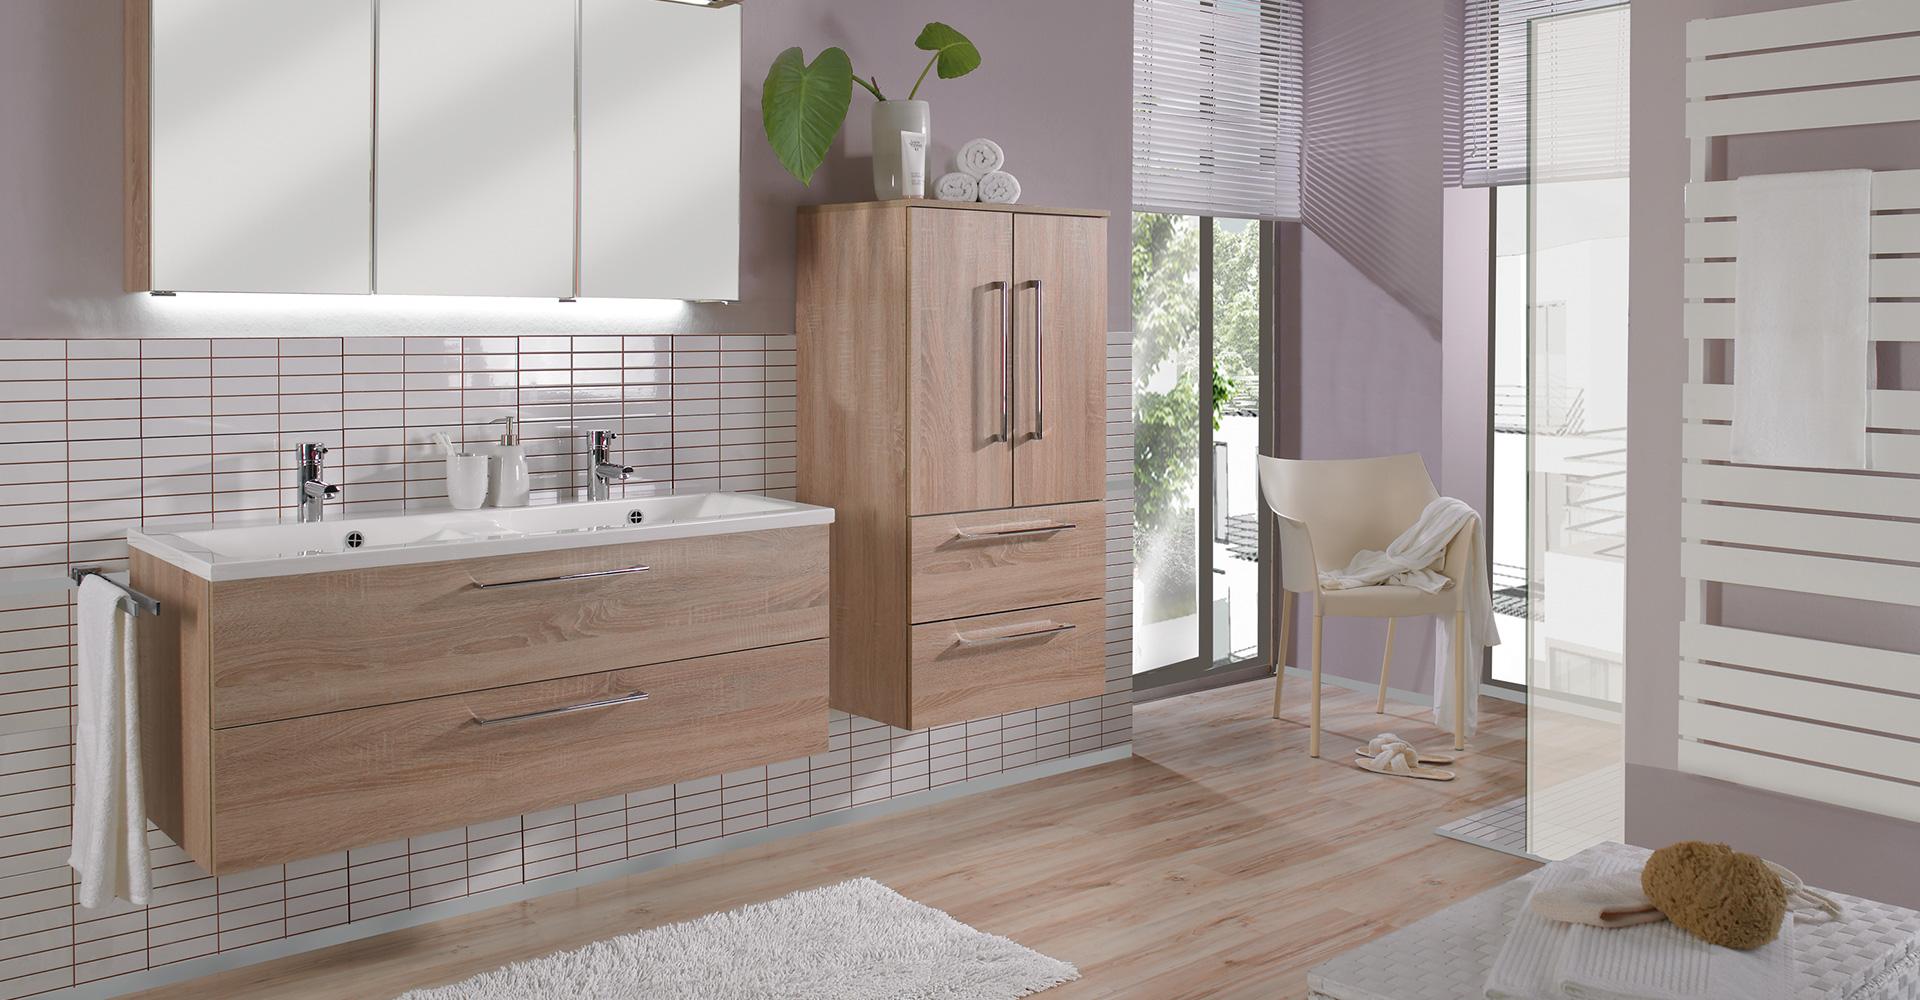 Landelijke badkamers for Inrichting badkamer 3d